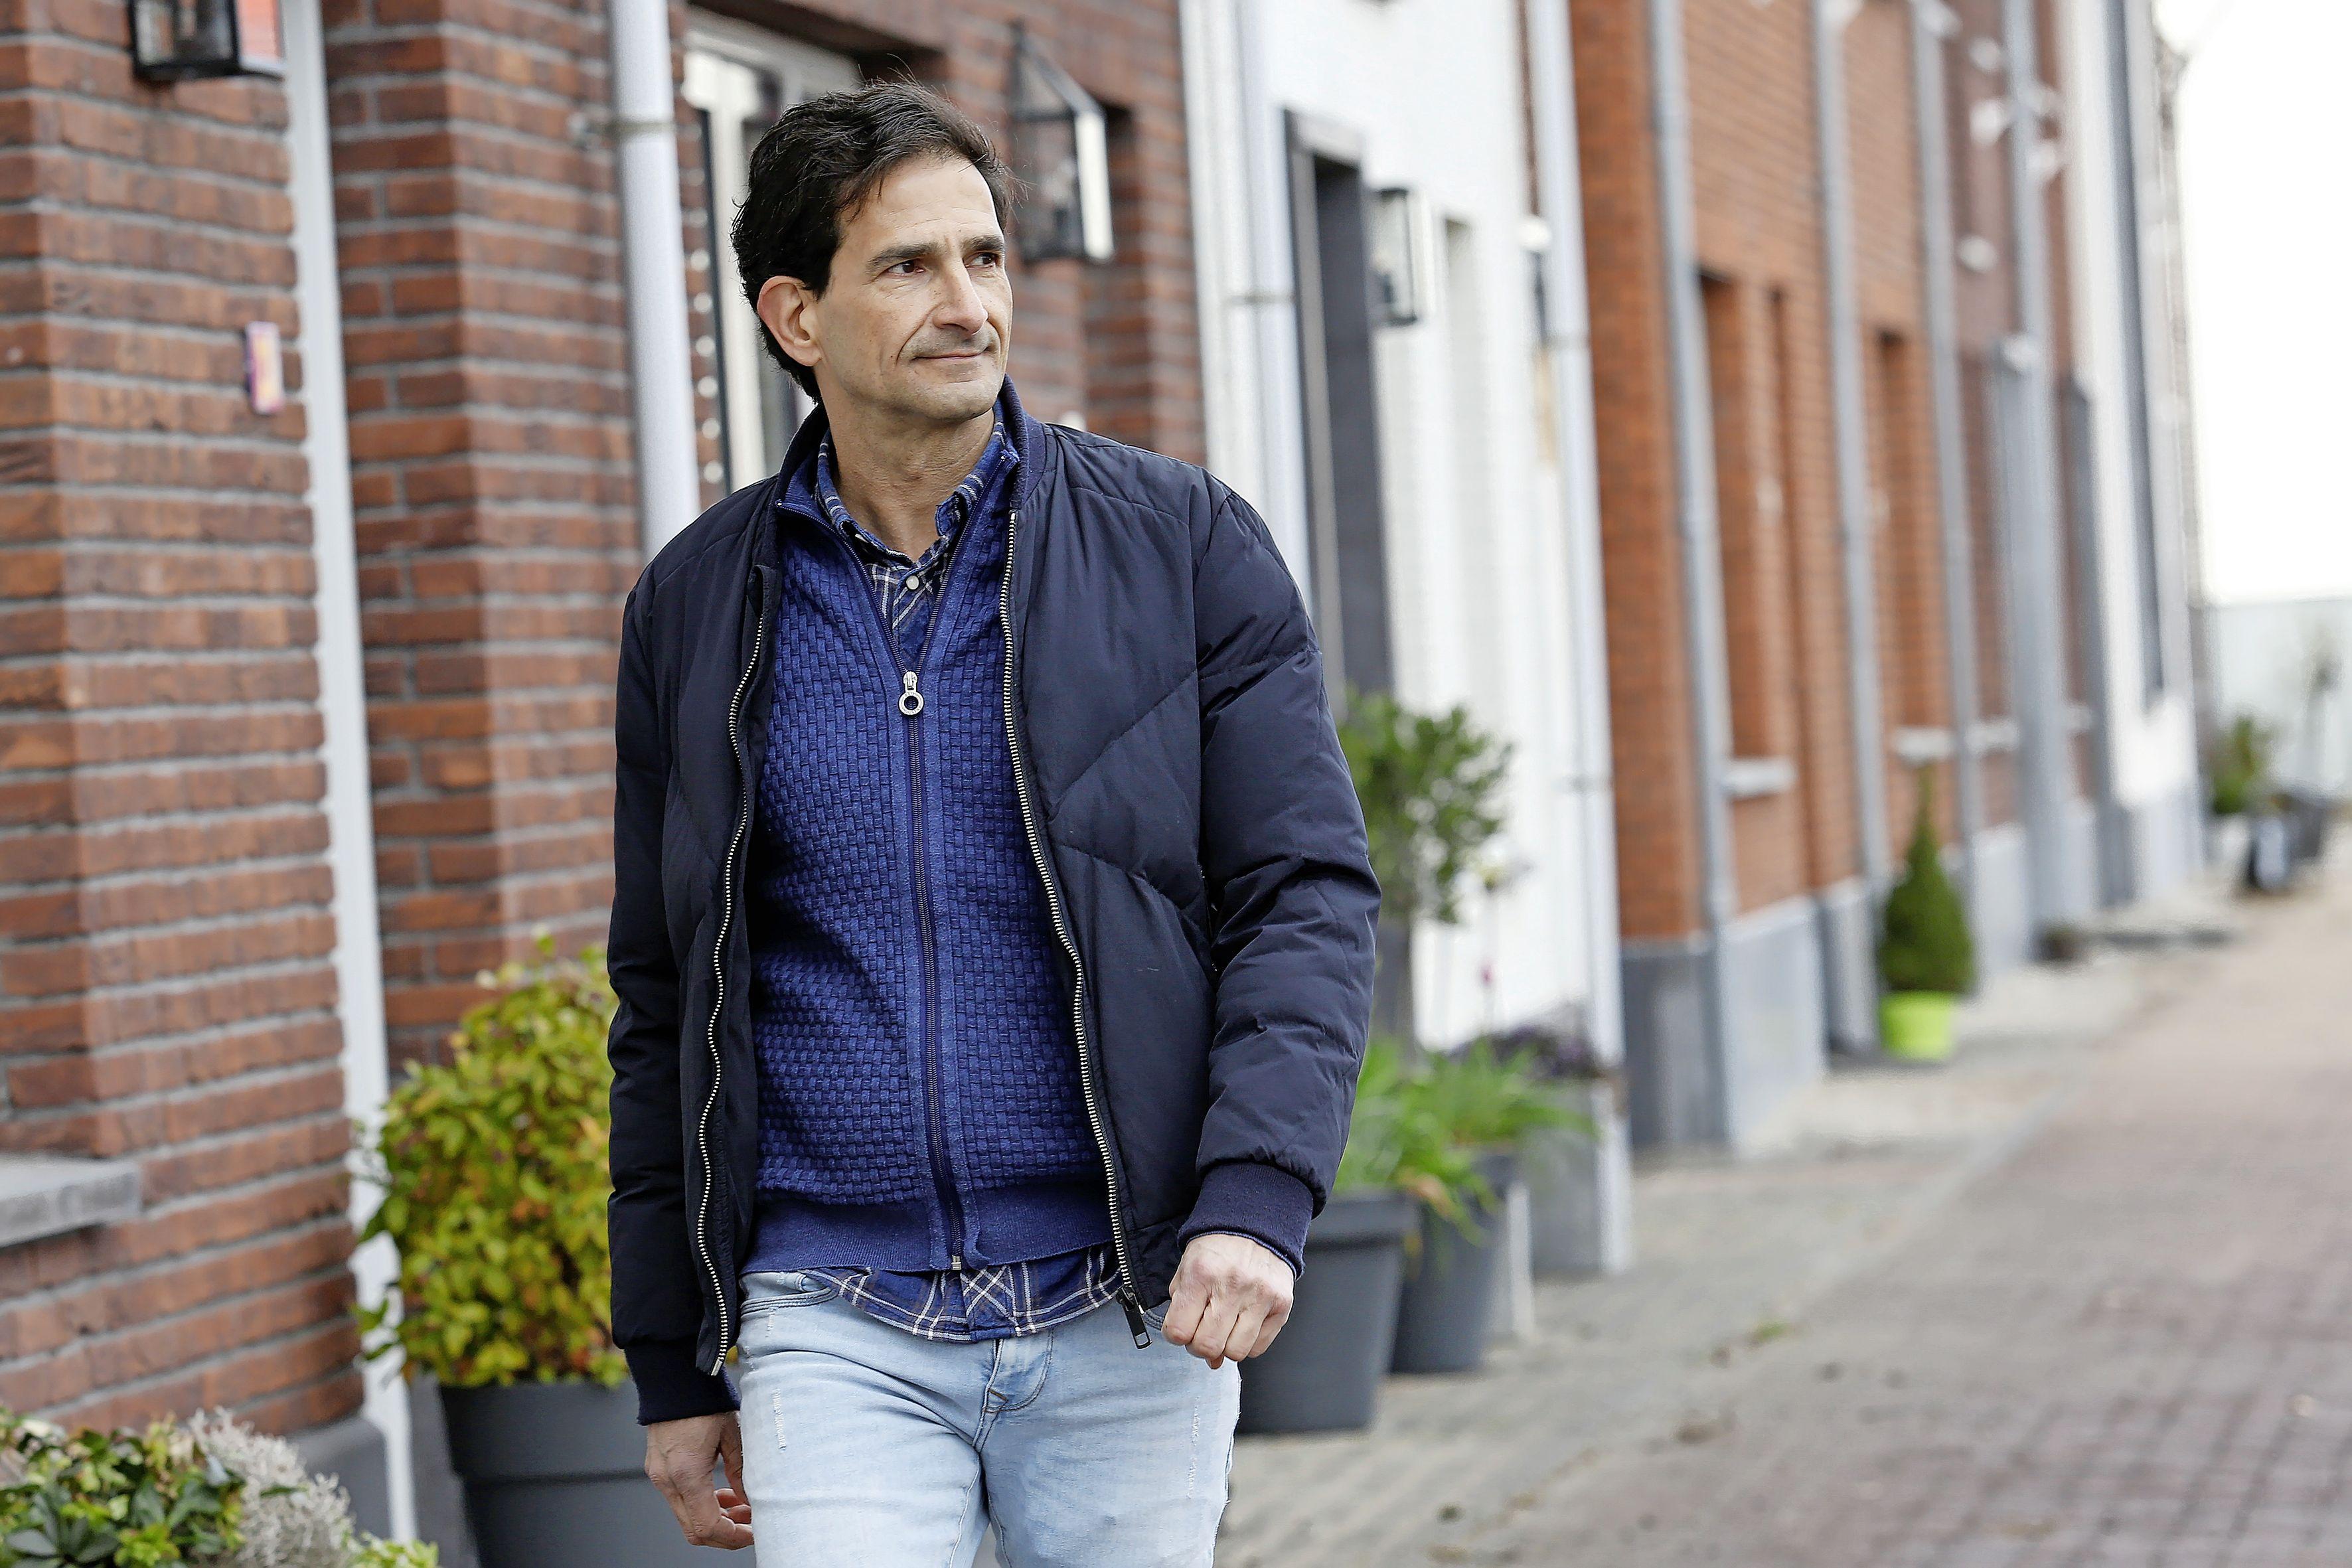 '500 euro, of je ziet je kleinkinderen niet meer.' Wethouder Maarten Hoelscher van Huizen vertelt over 'traan trekkende dossiers' die hij tegenkomt in de strijd tegen huiselijk geweld, ouderen-, partner- en kindermishandeling